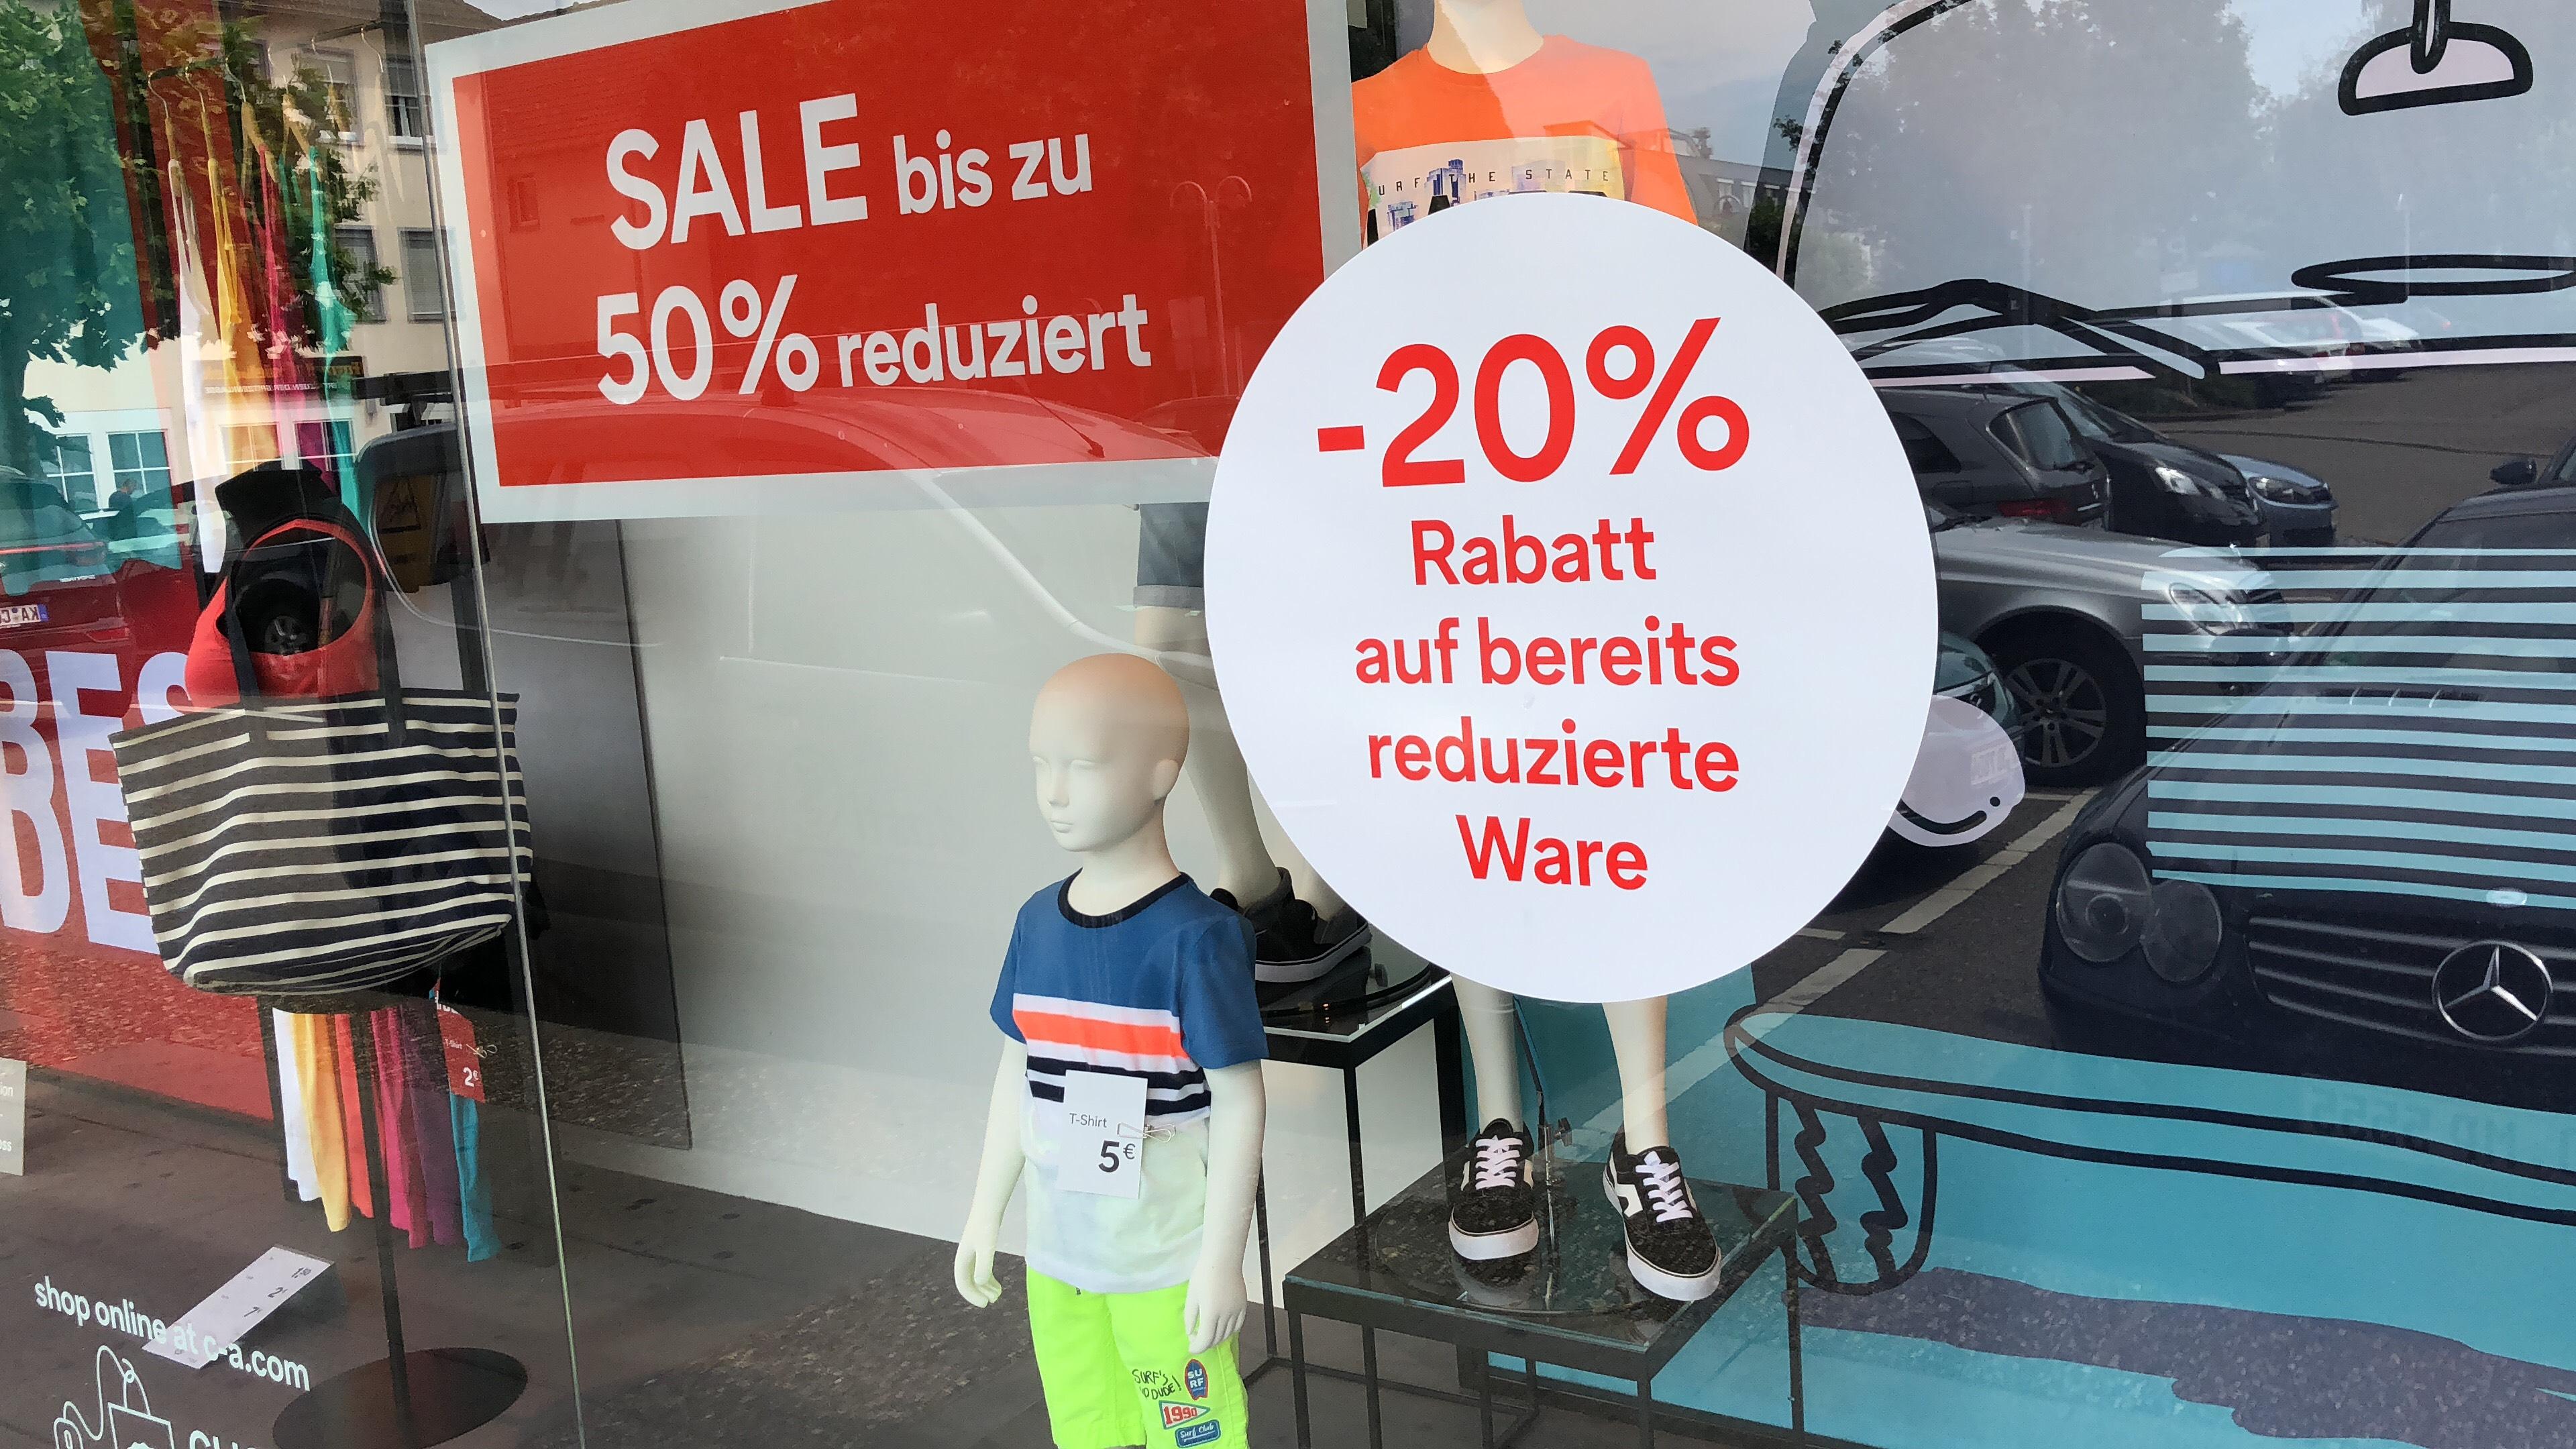 [Bundesweit - C&A] 20% Rabatt auf bereits reduzierte Ware